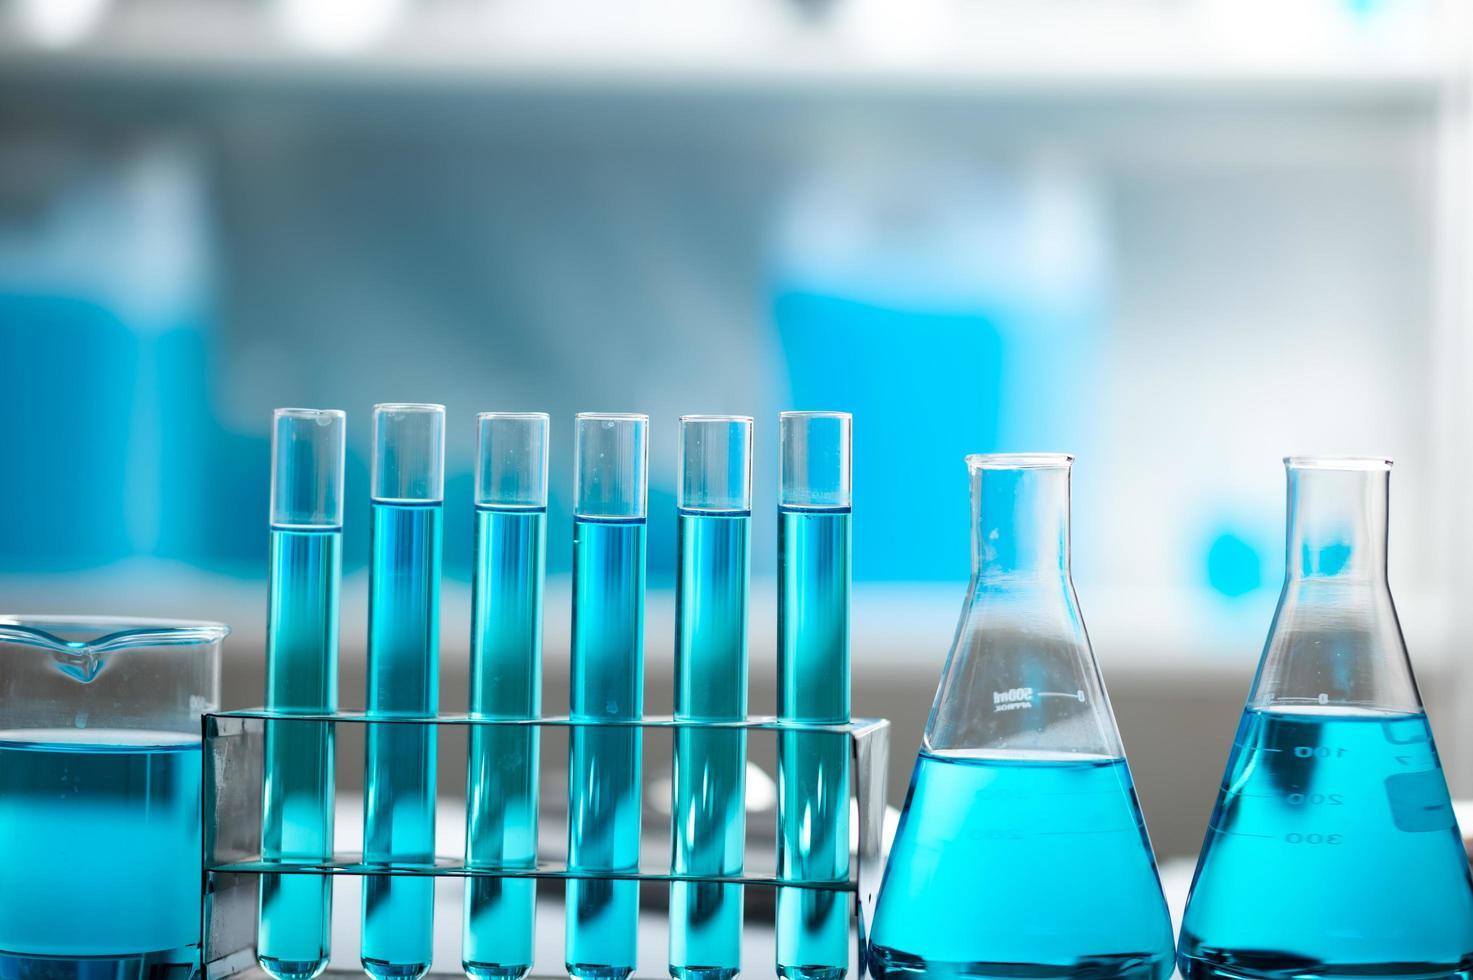 blaue Flüssigkeit in Reagenzgläsern und Glaswaren foto